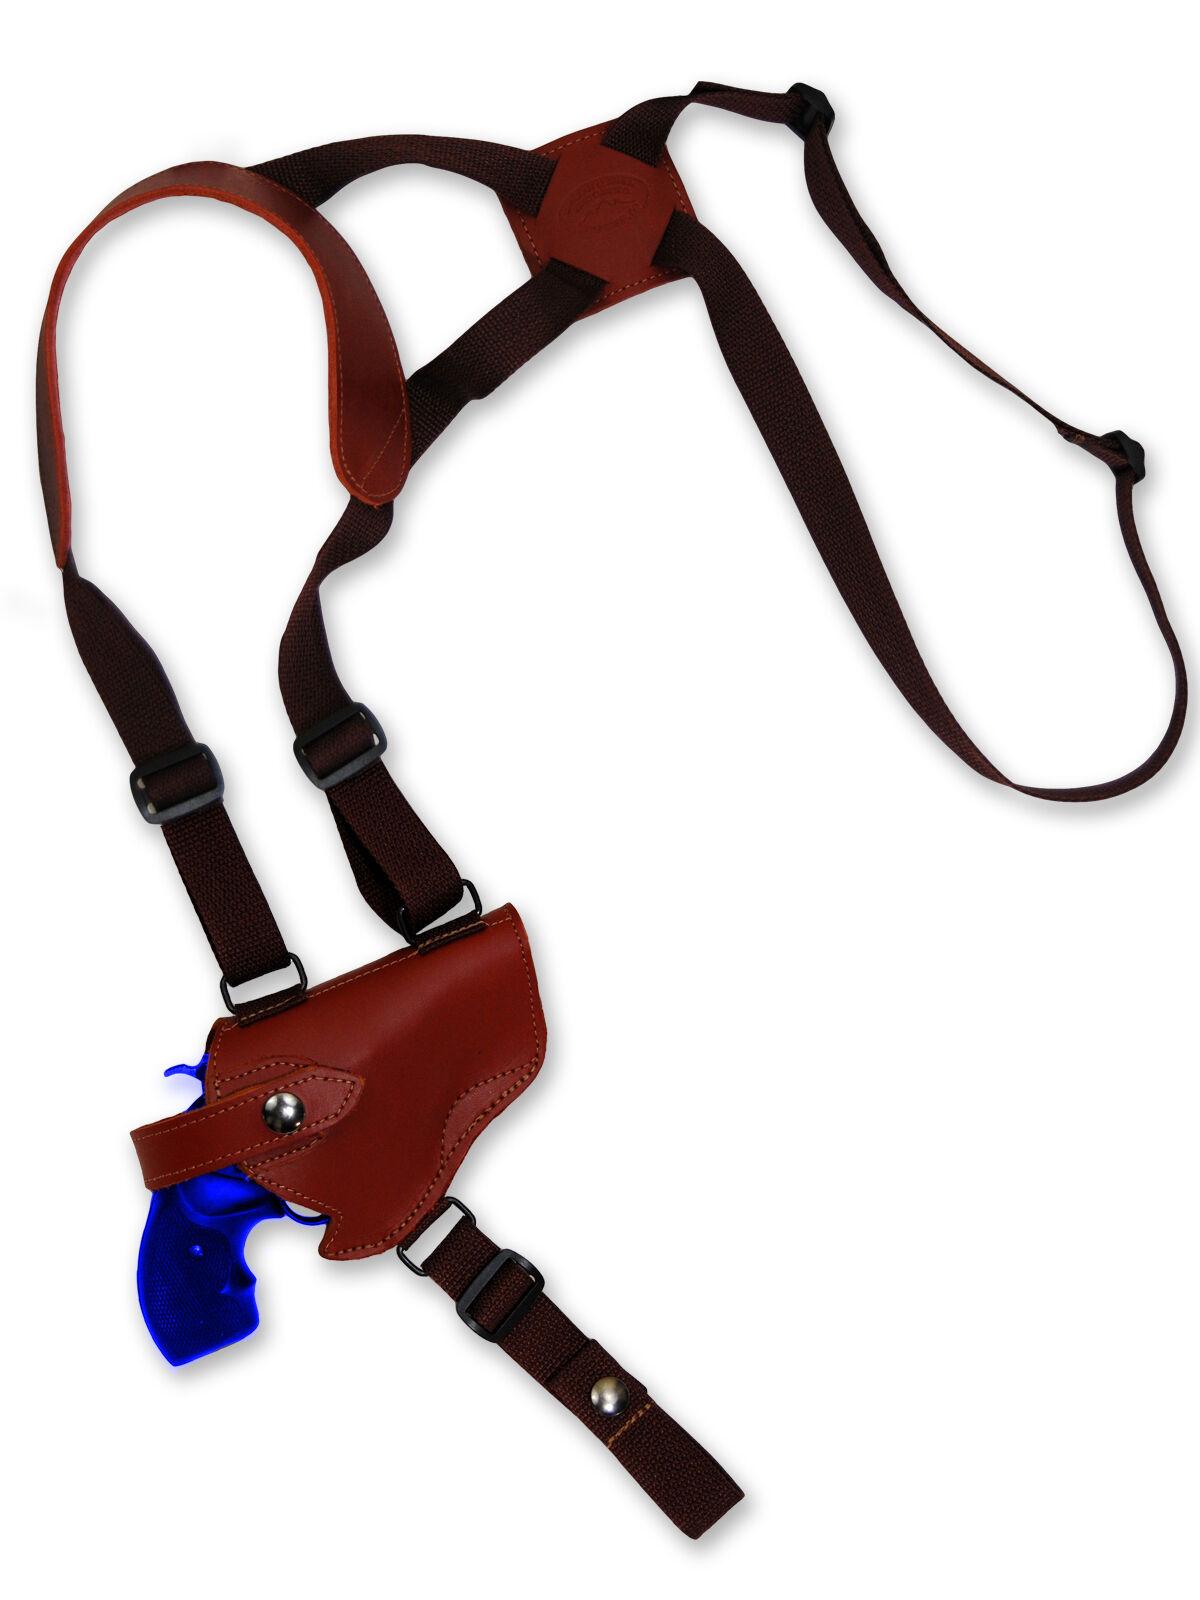 NEW Barsony Burgundy Leder Horizontal Shoulder Holster for Colt 2